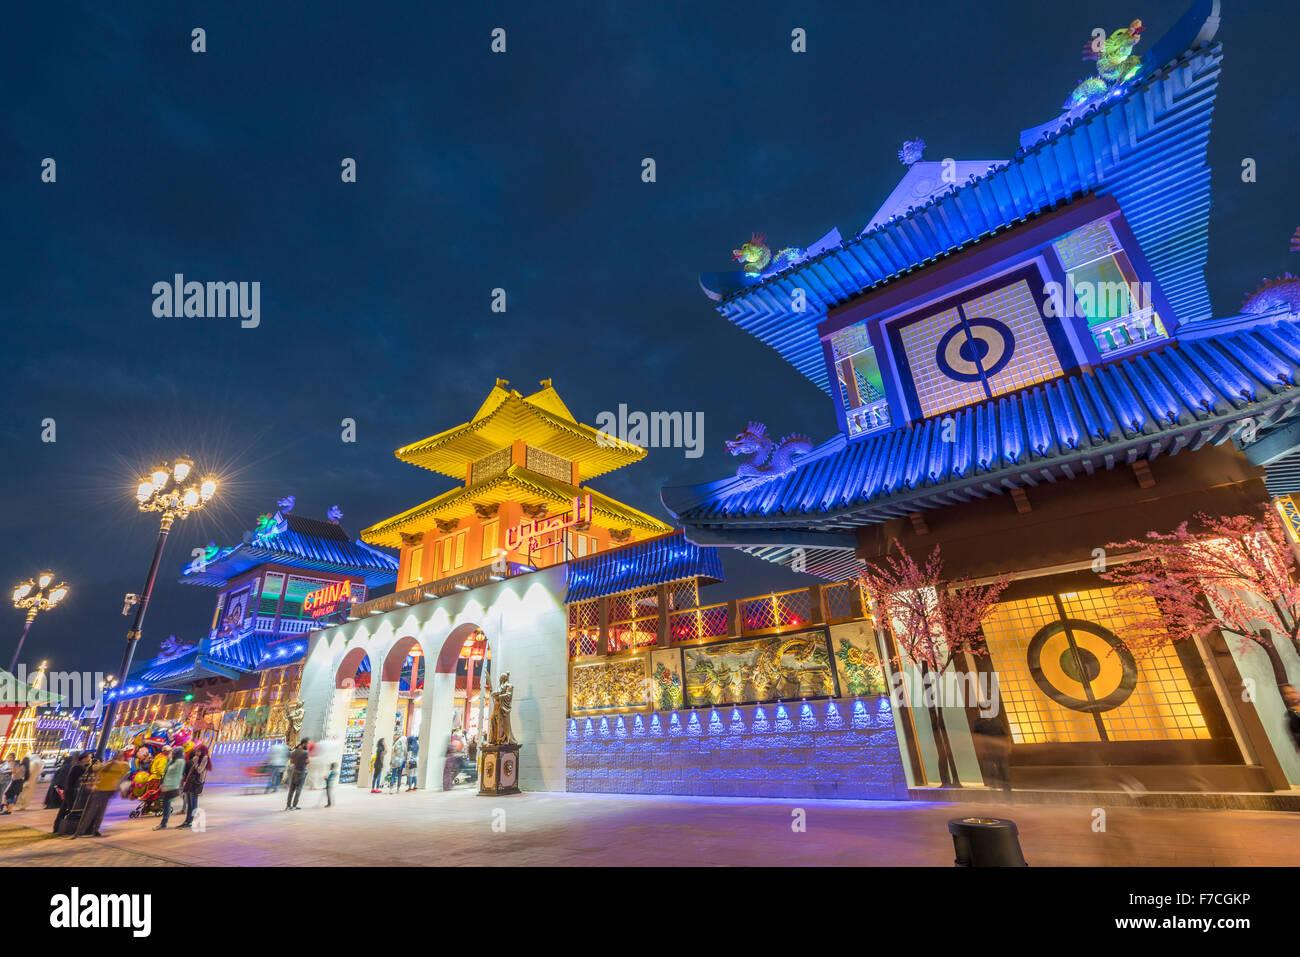 Illuminated China Pavilion at night at Global Village 2015 in Dubai United Arab Emirates - Stock Image